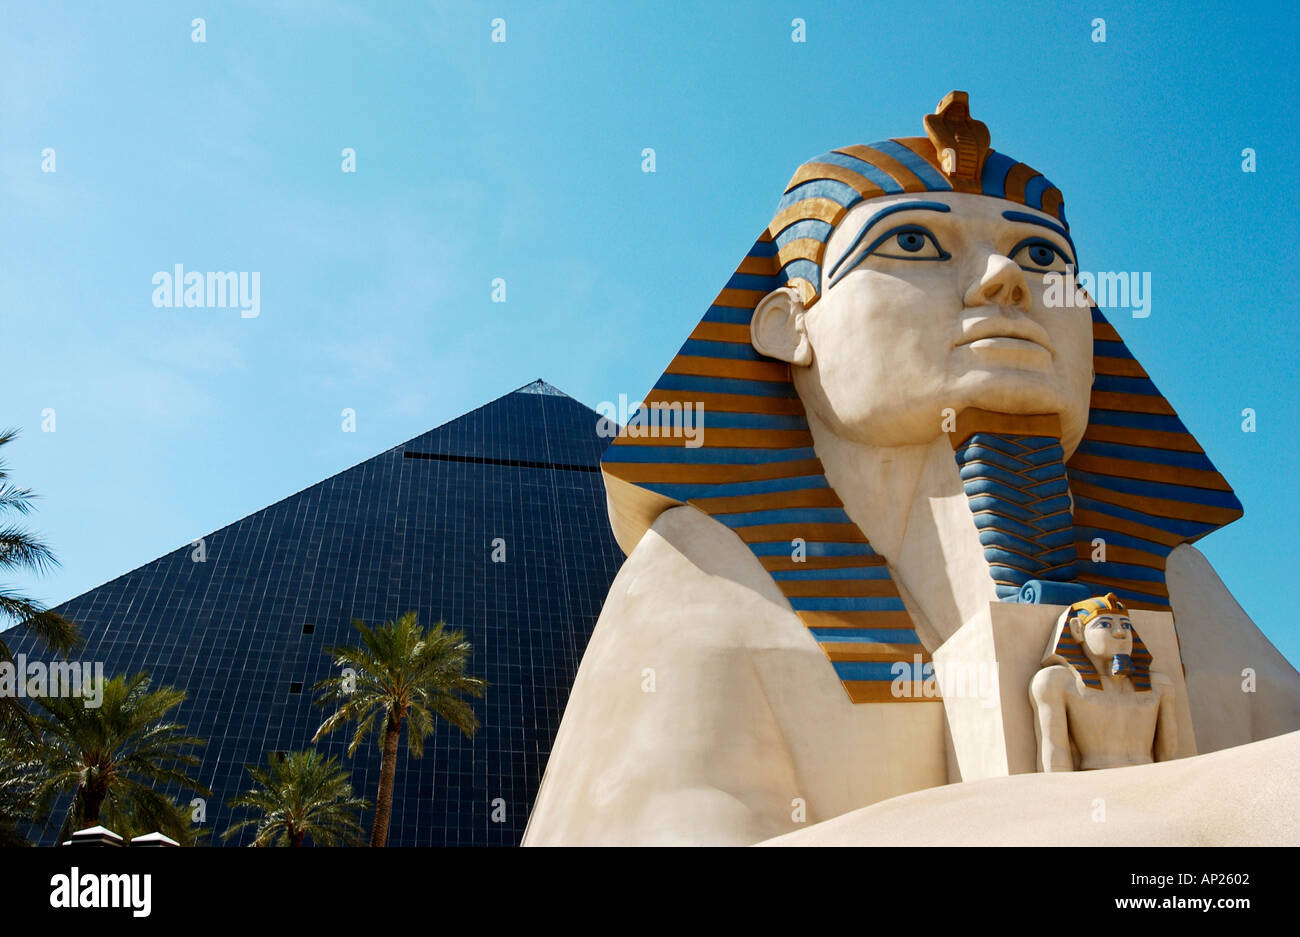 Sphinx at Luxor hotel Las Vegas - Stock Image